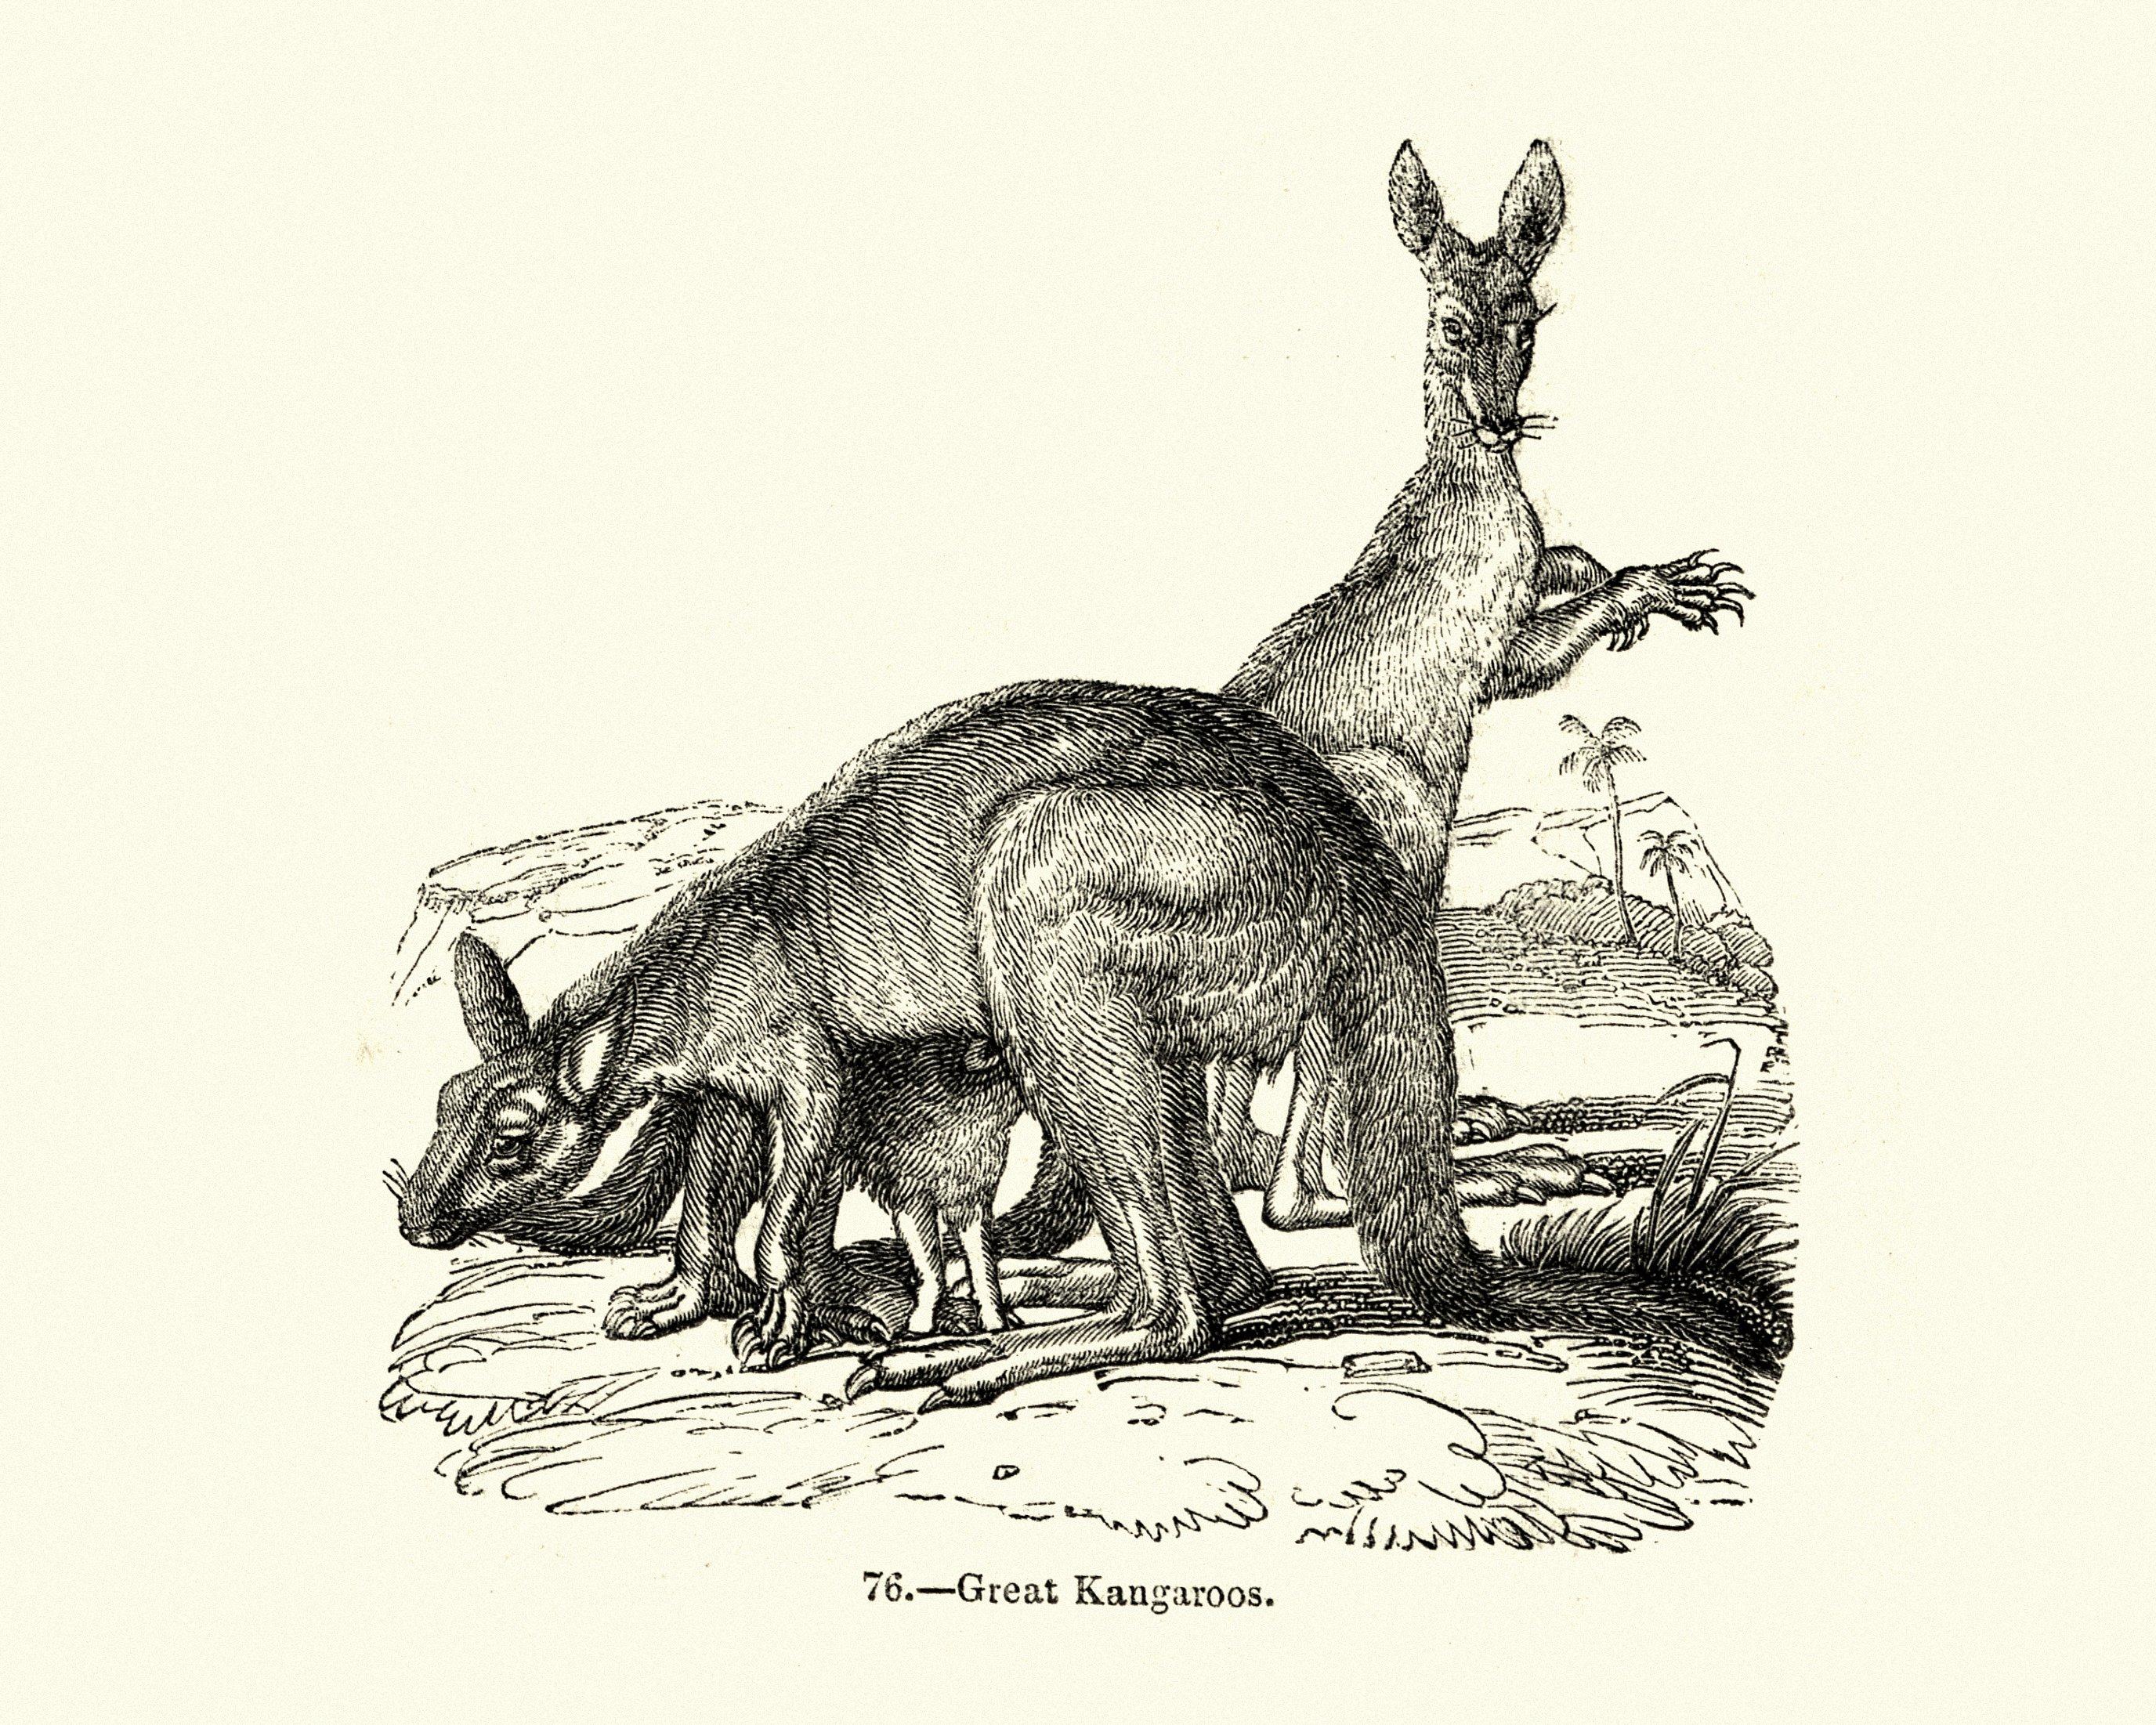 有袋动物,伟大的袋鼠的复古雕刻。 (iStock Photo)